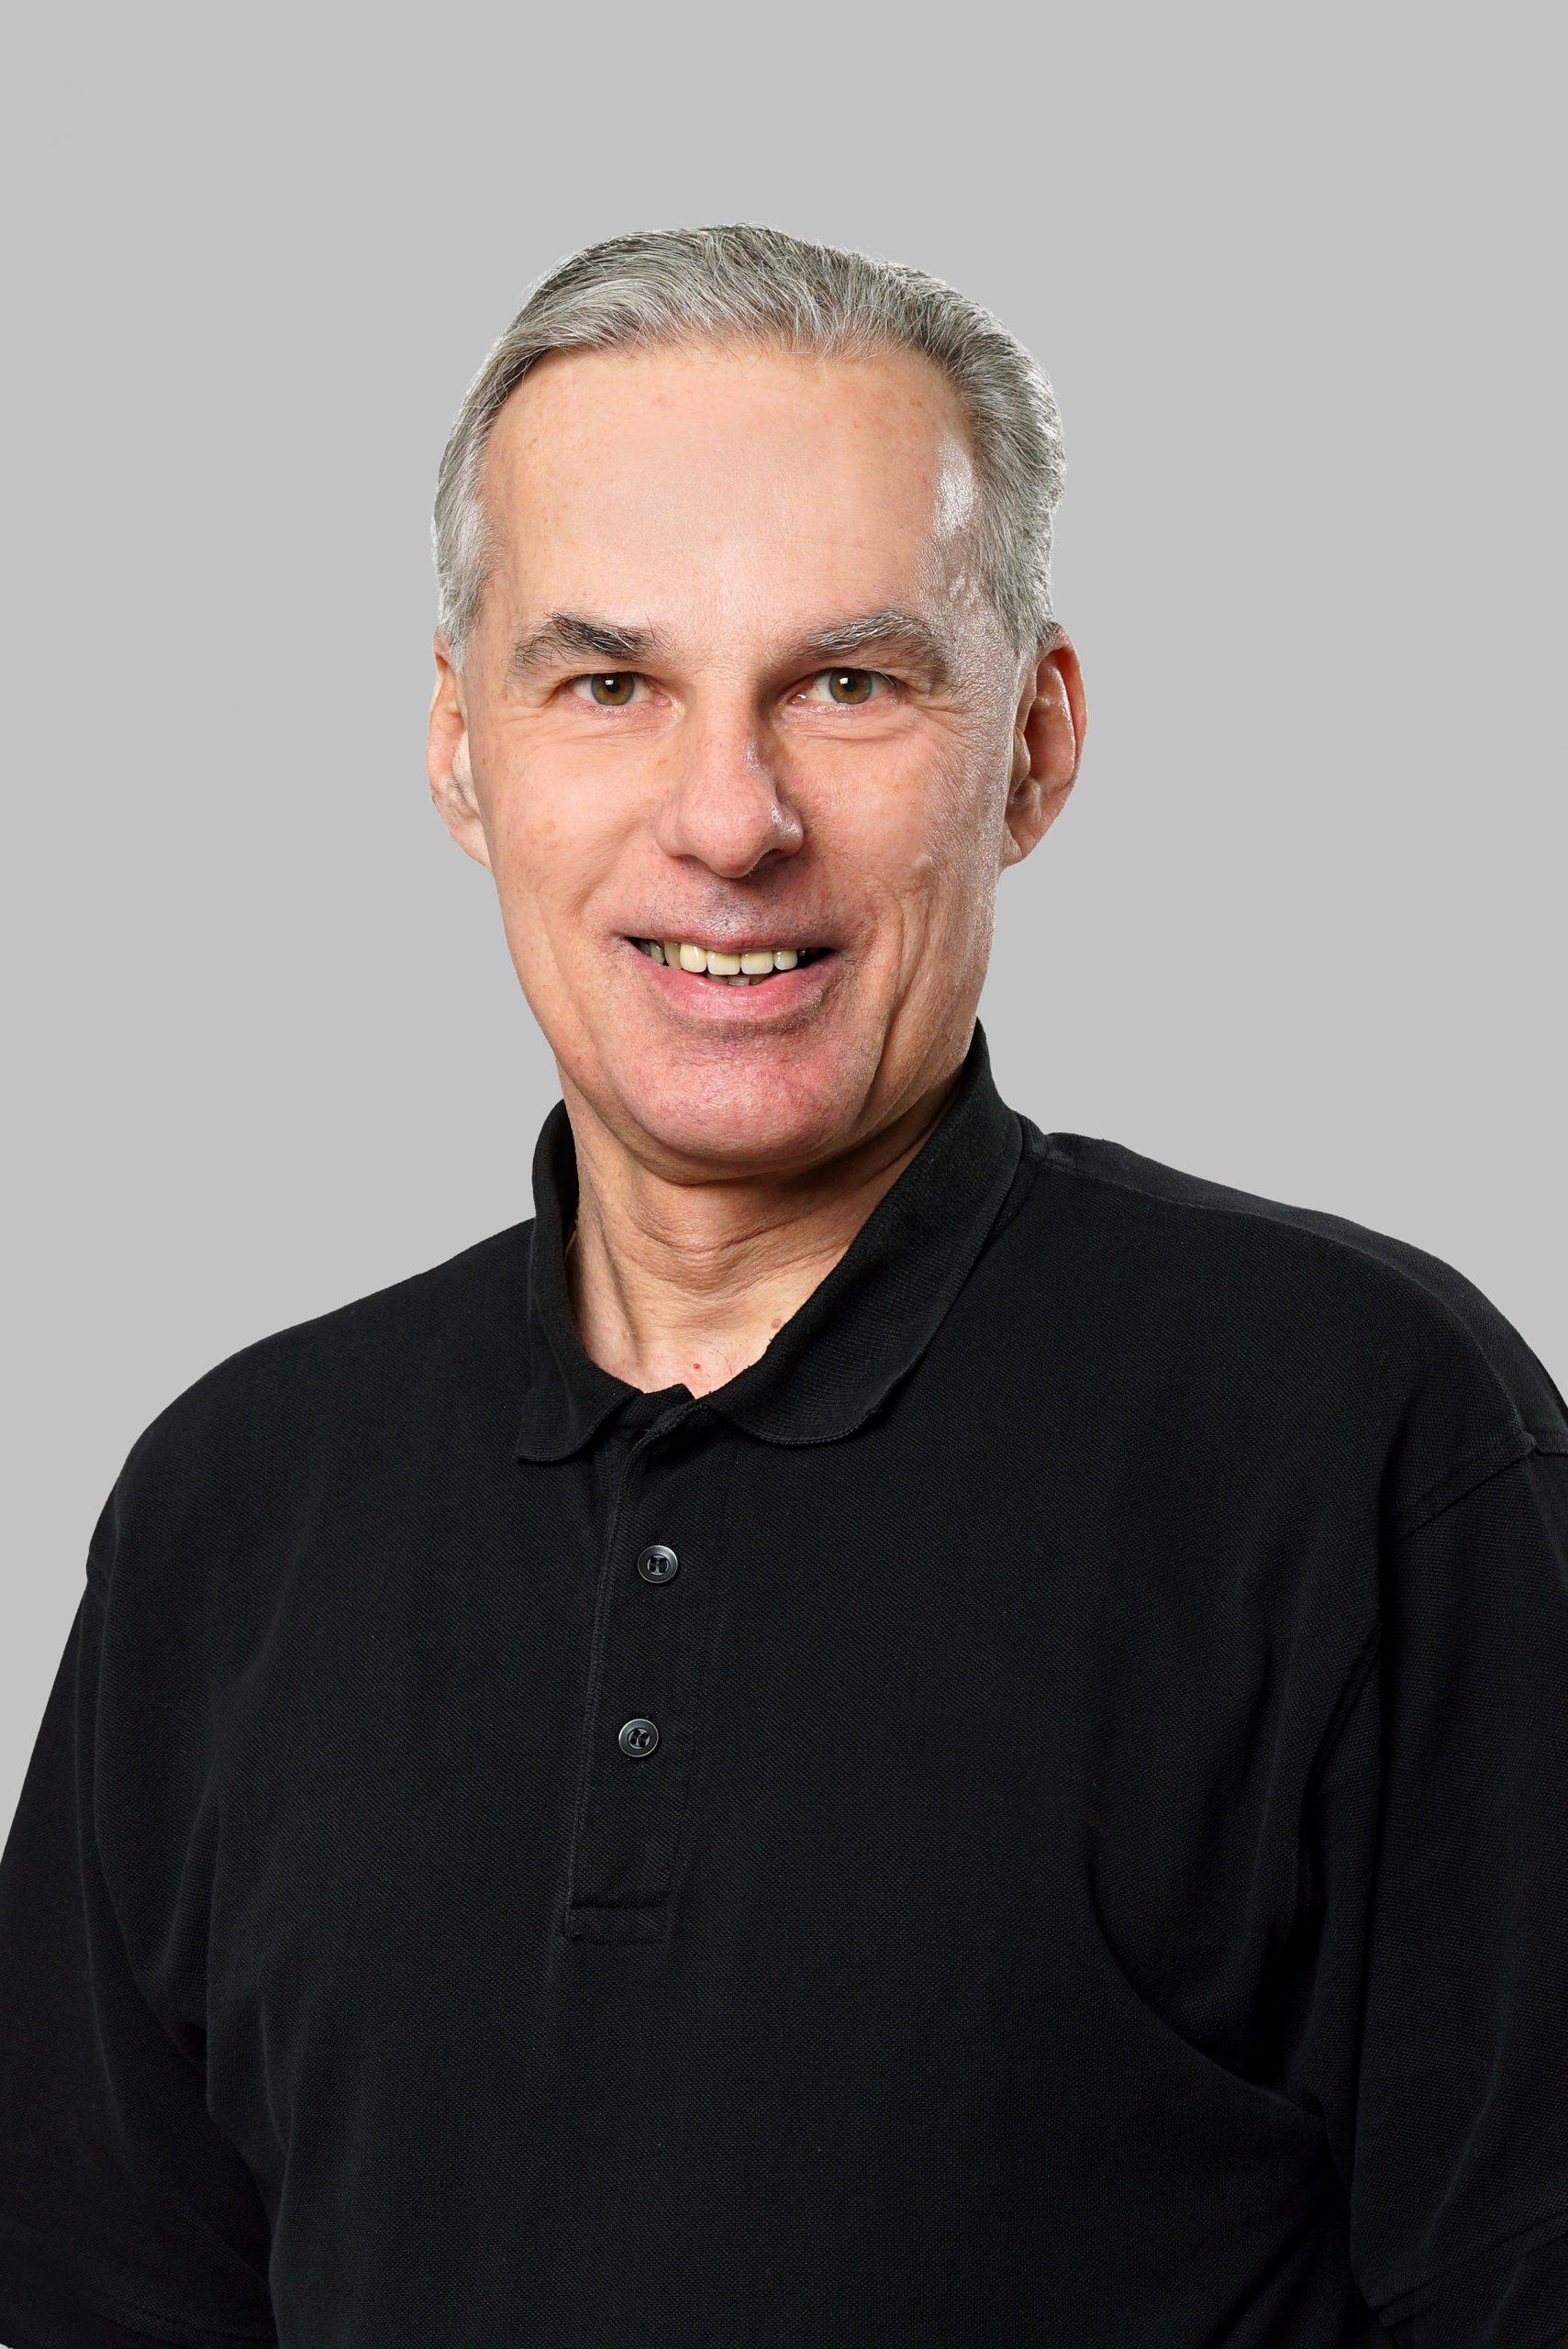 Frank Hofer